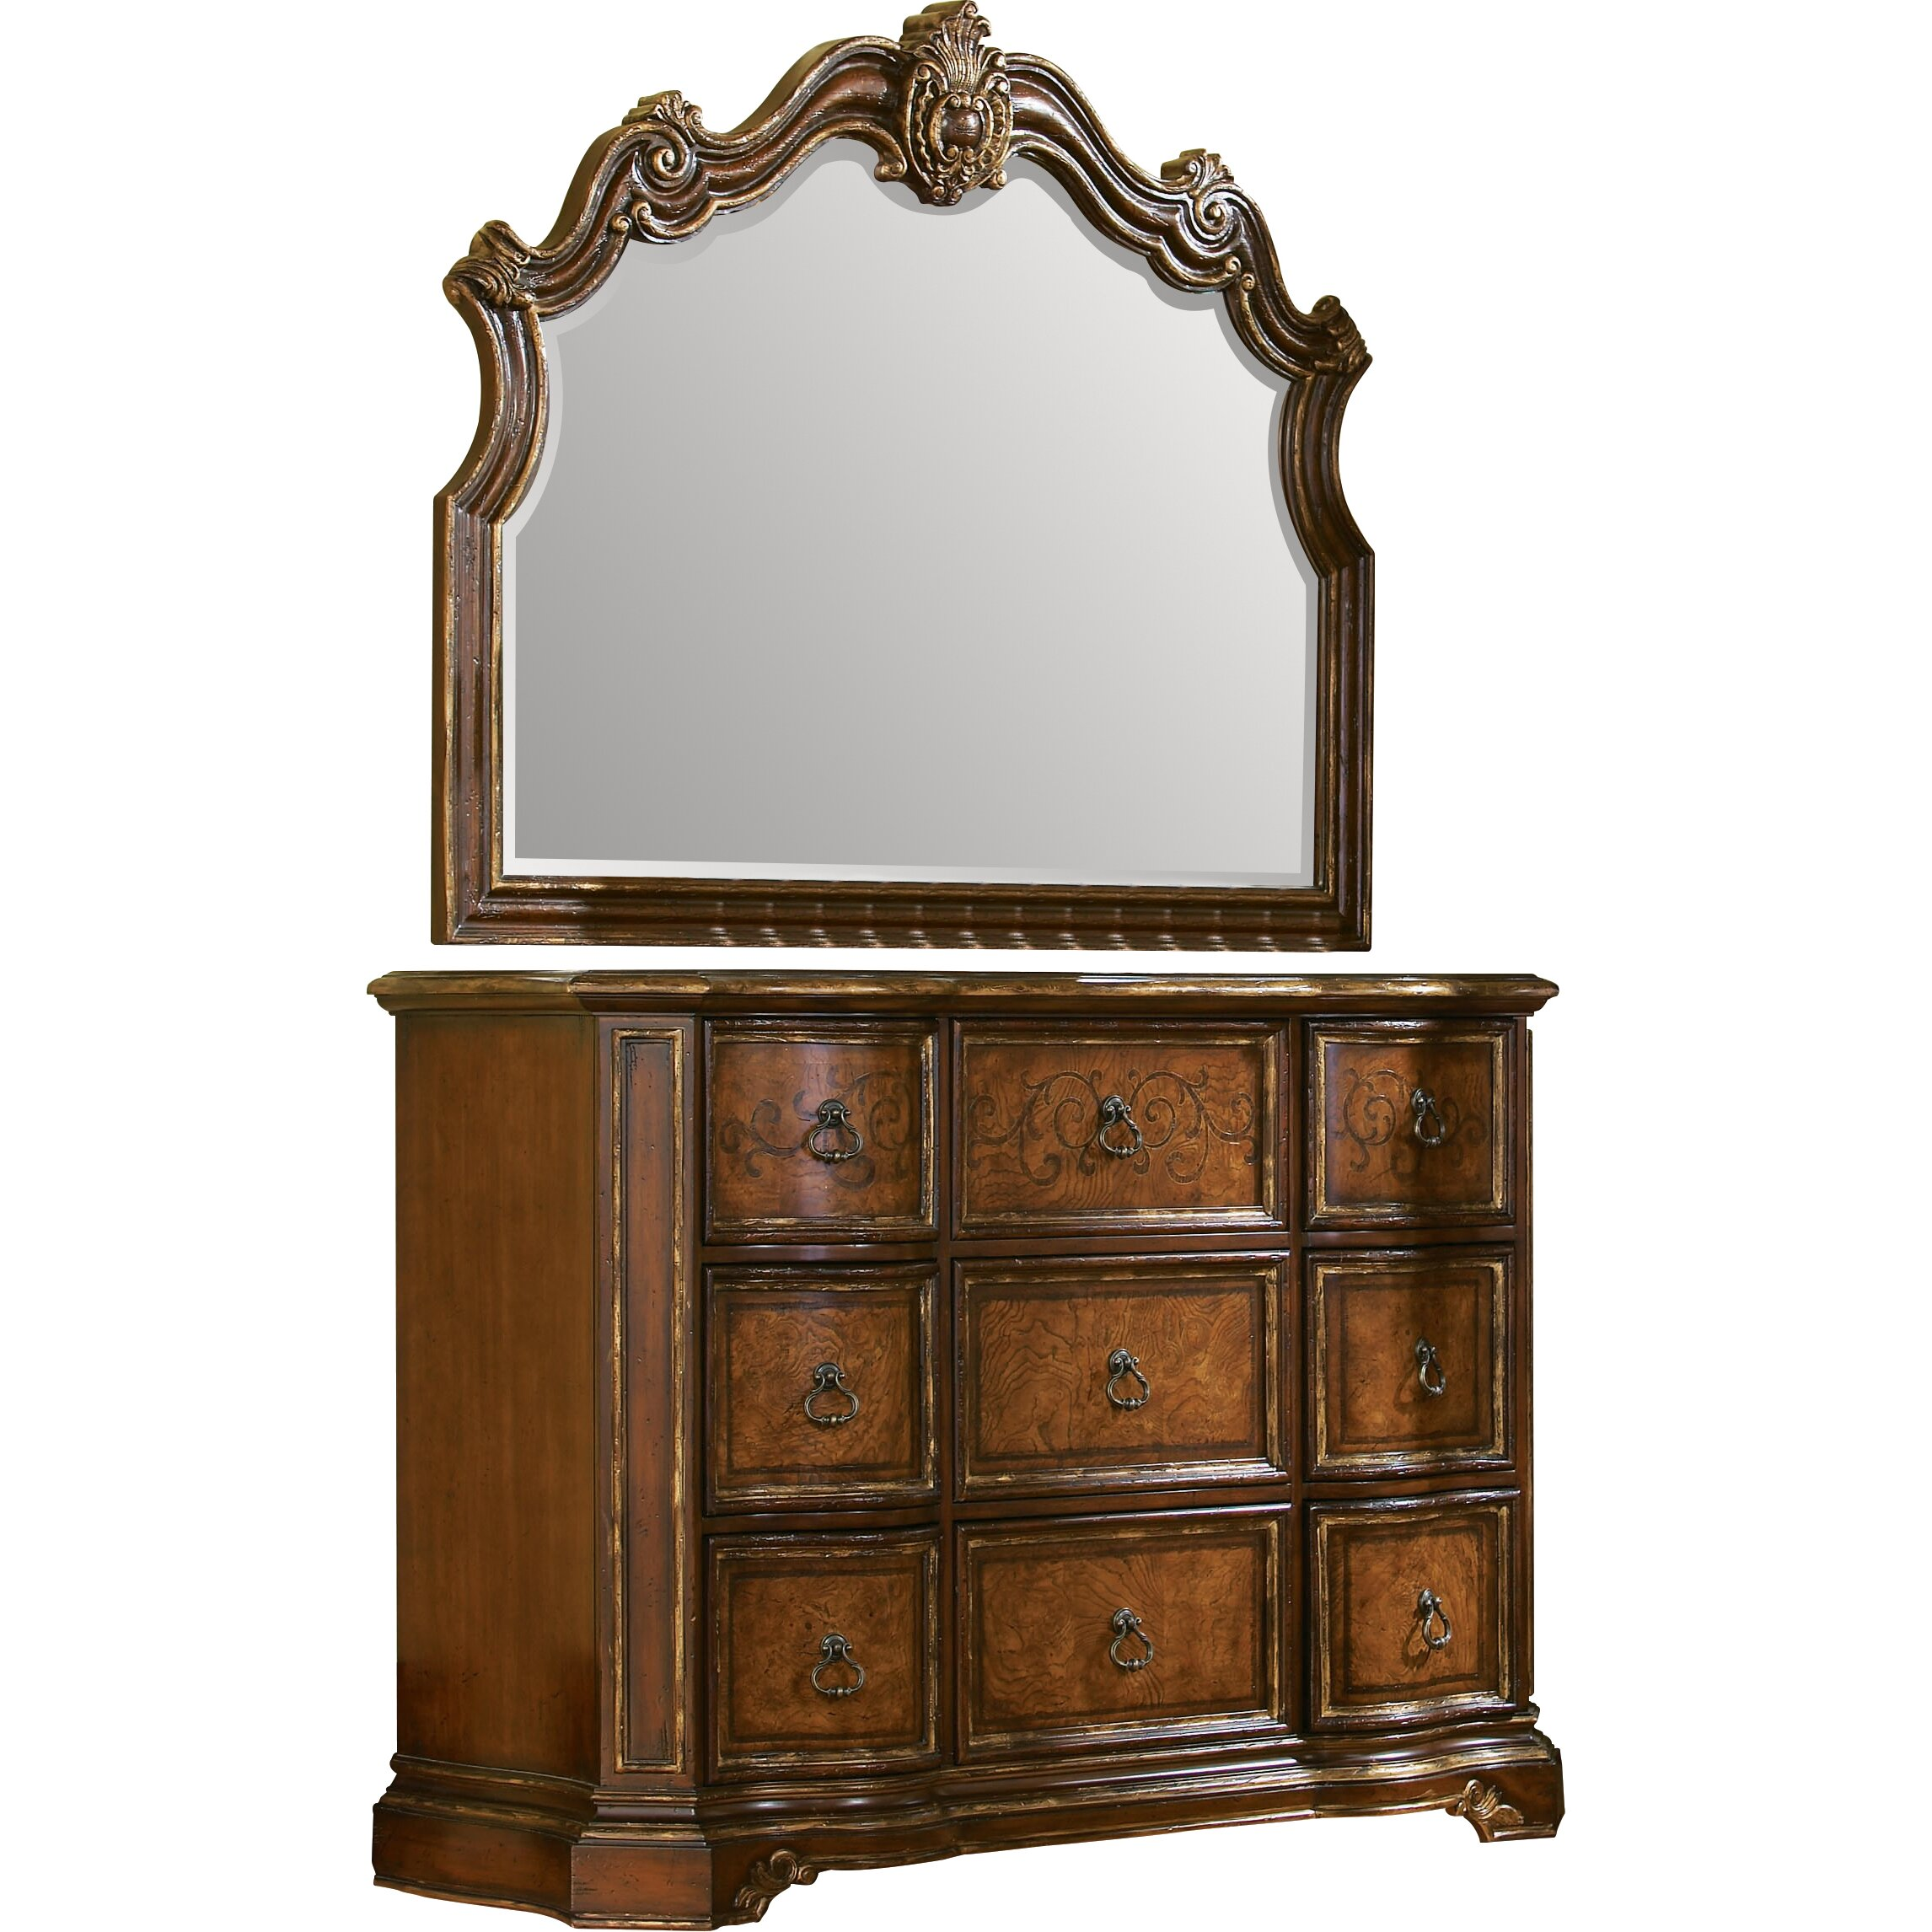 Hooker furniture beladora 9 drawer mule chest reviews for Beladora bedroom set